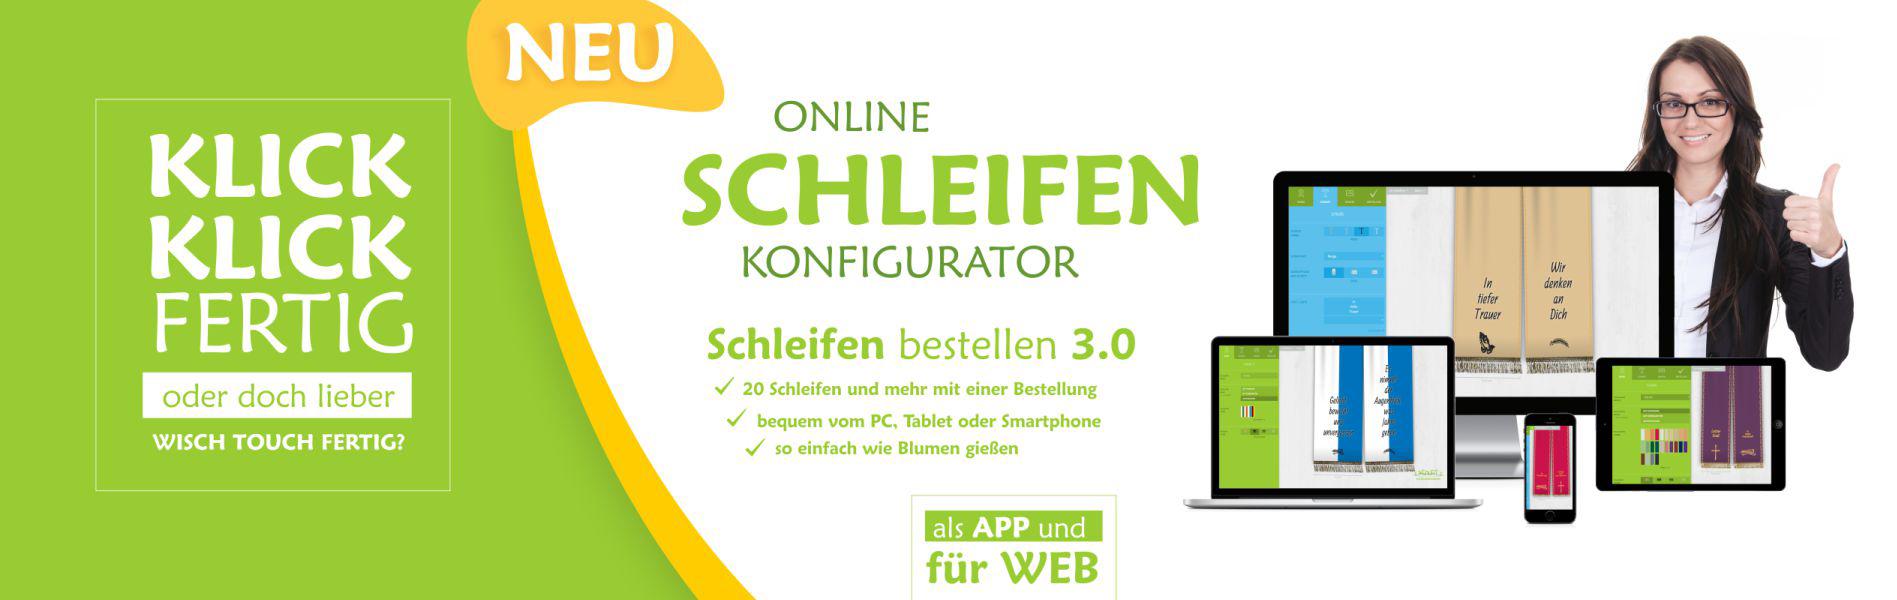 Online Schleifen Konfigurator